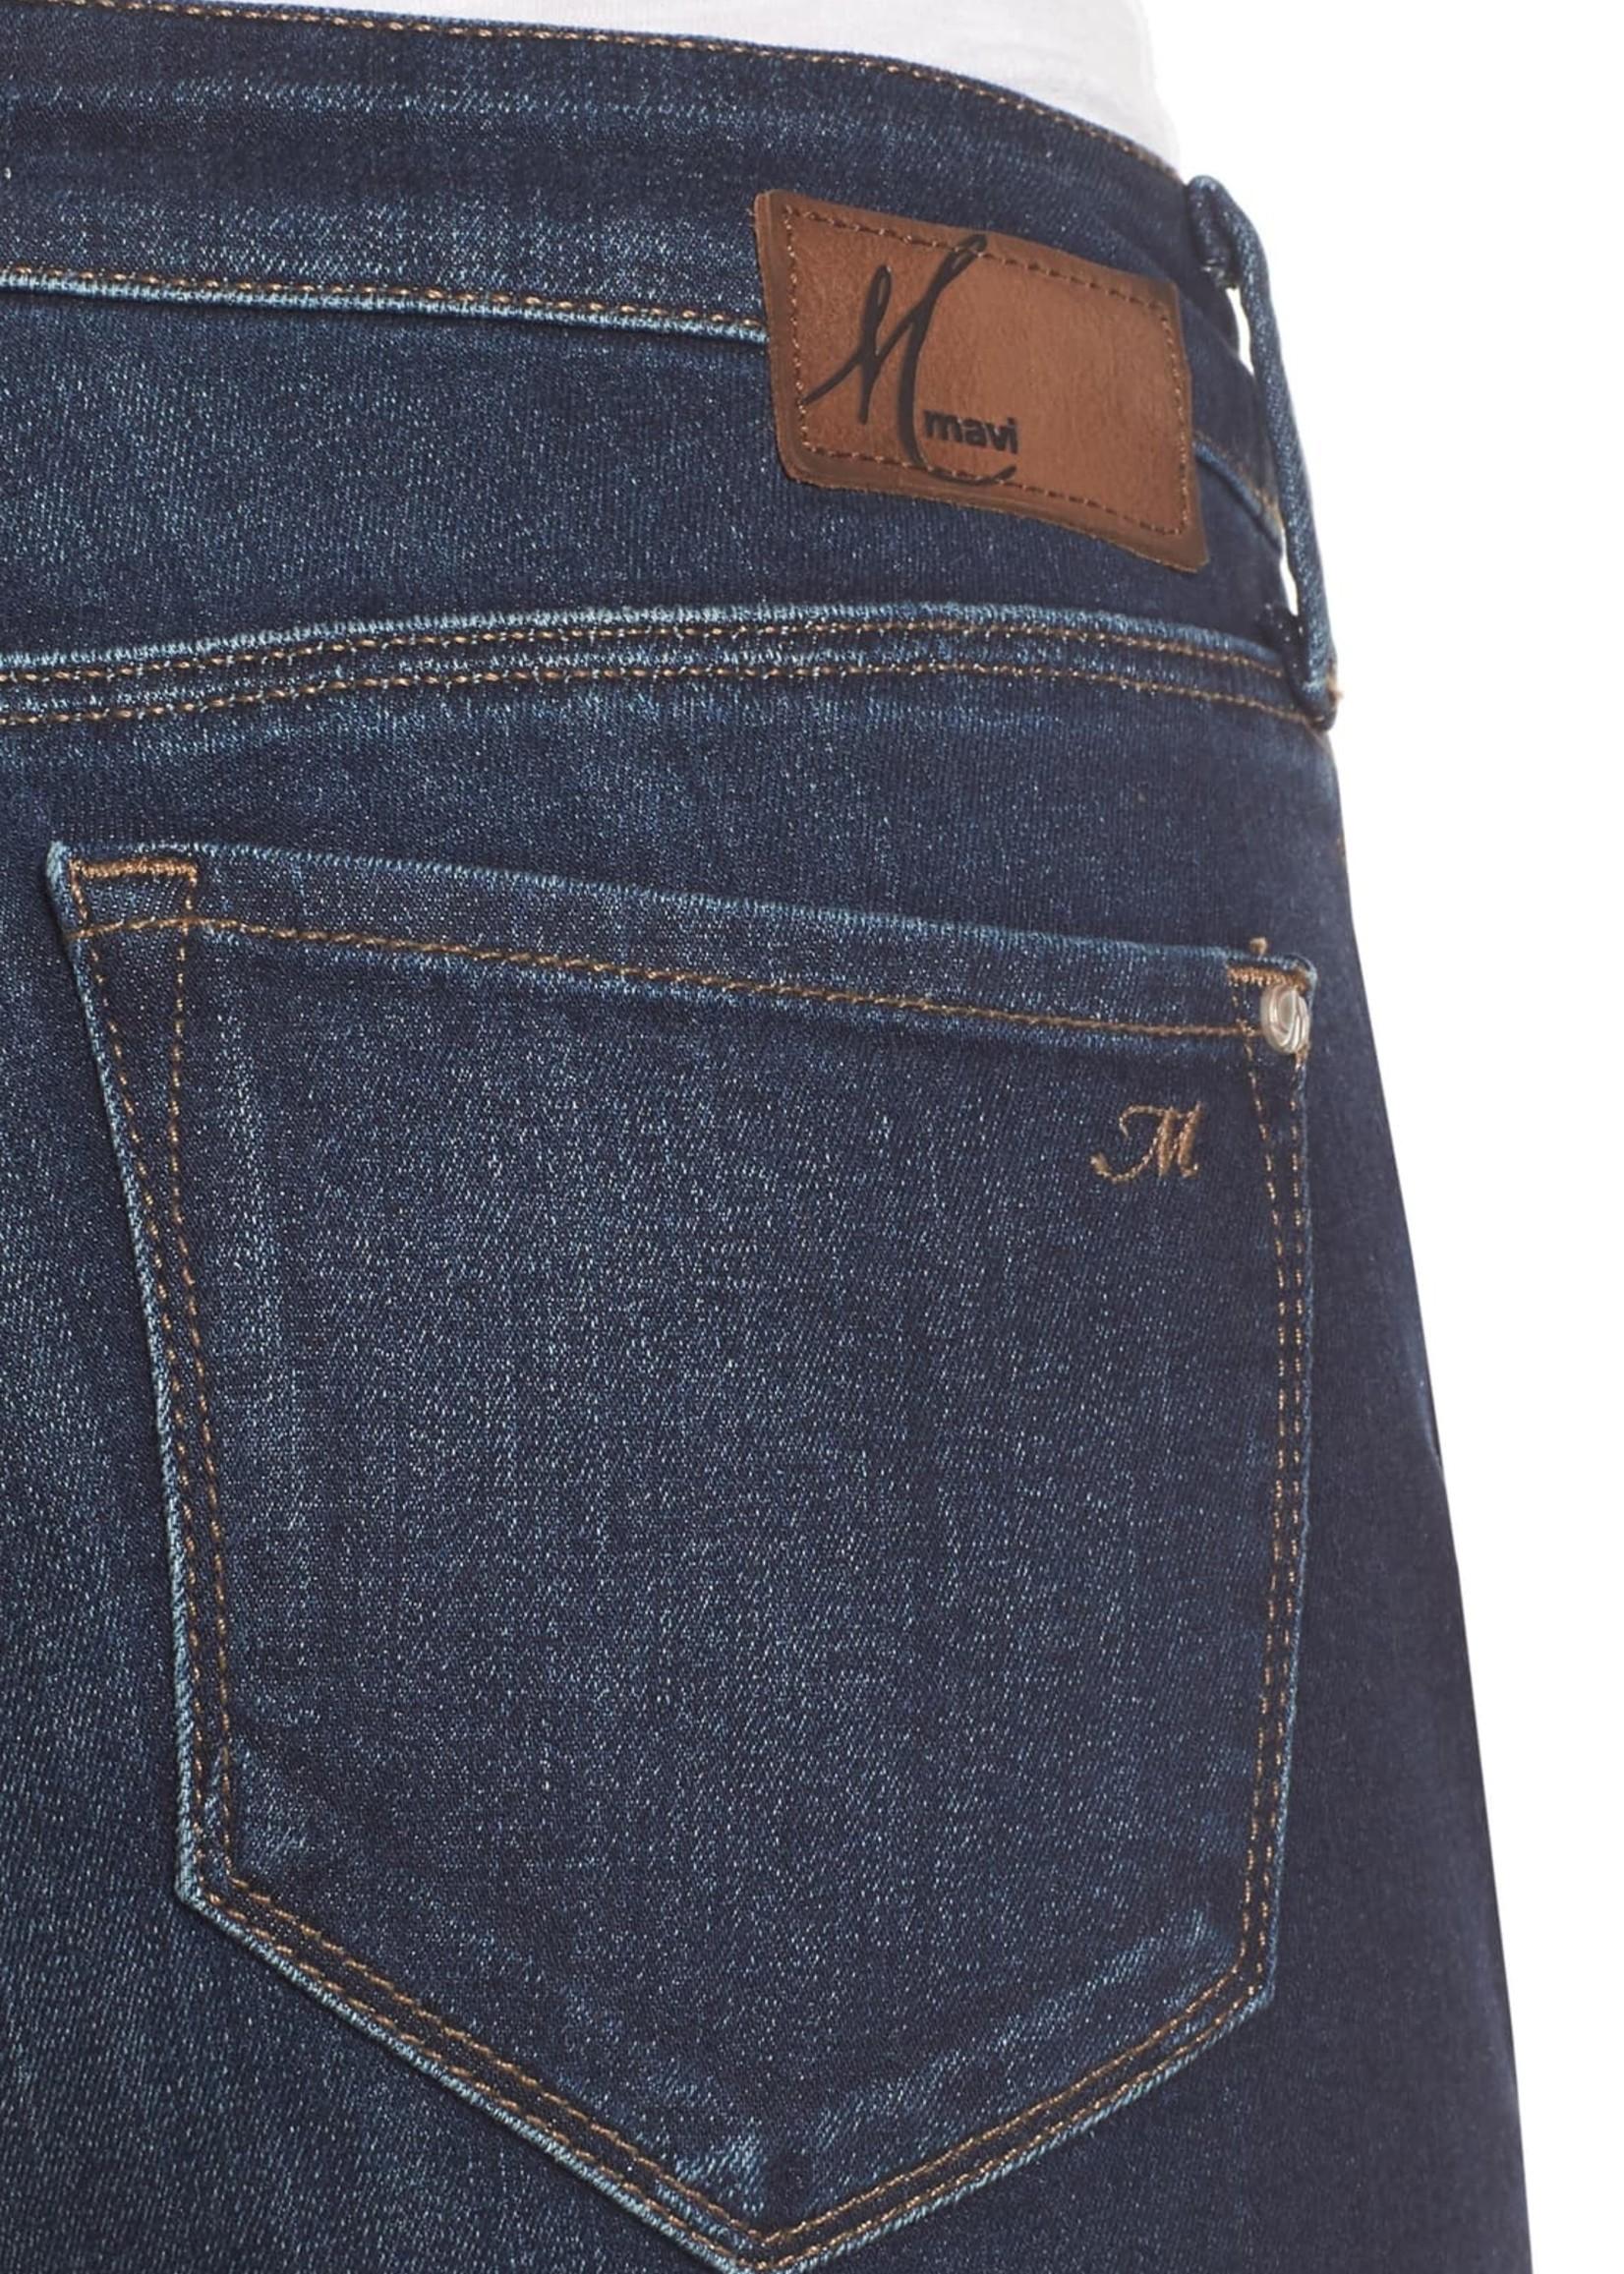 MAVI Jeans Ada Boyfriend Denim